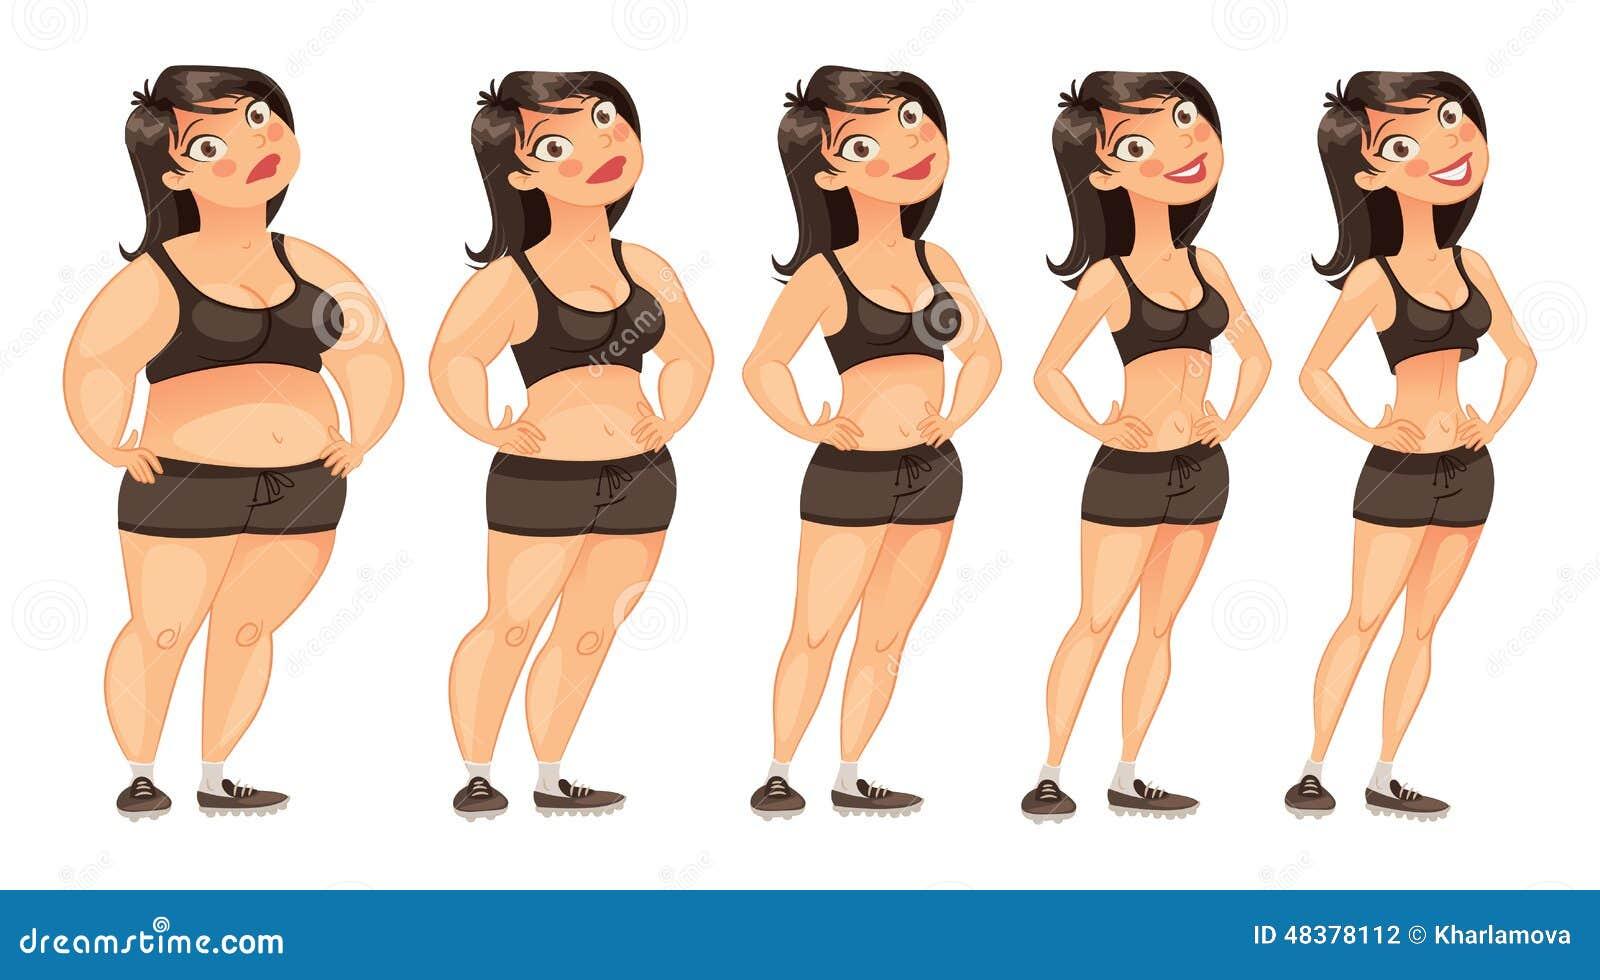 maladies qui entraînent une perte de poids drastique